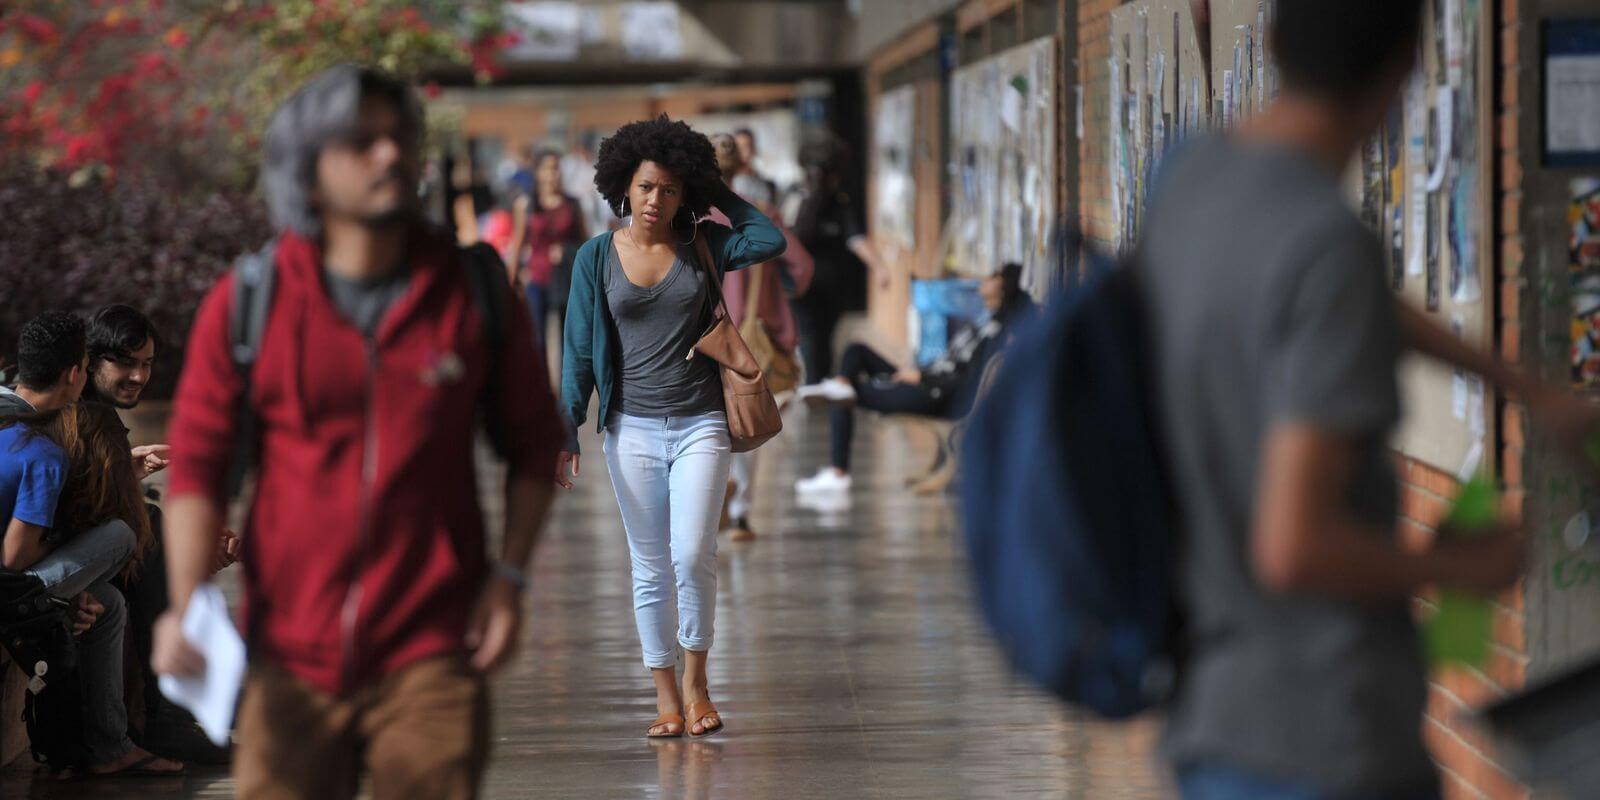 Ministério da Educação divulga cronogramas do SiSU, ProUni e Fies 2021/2